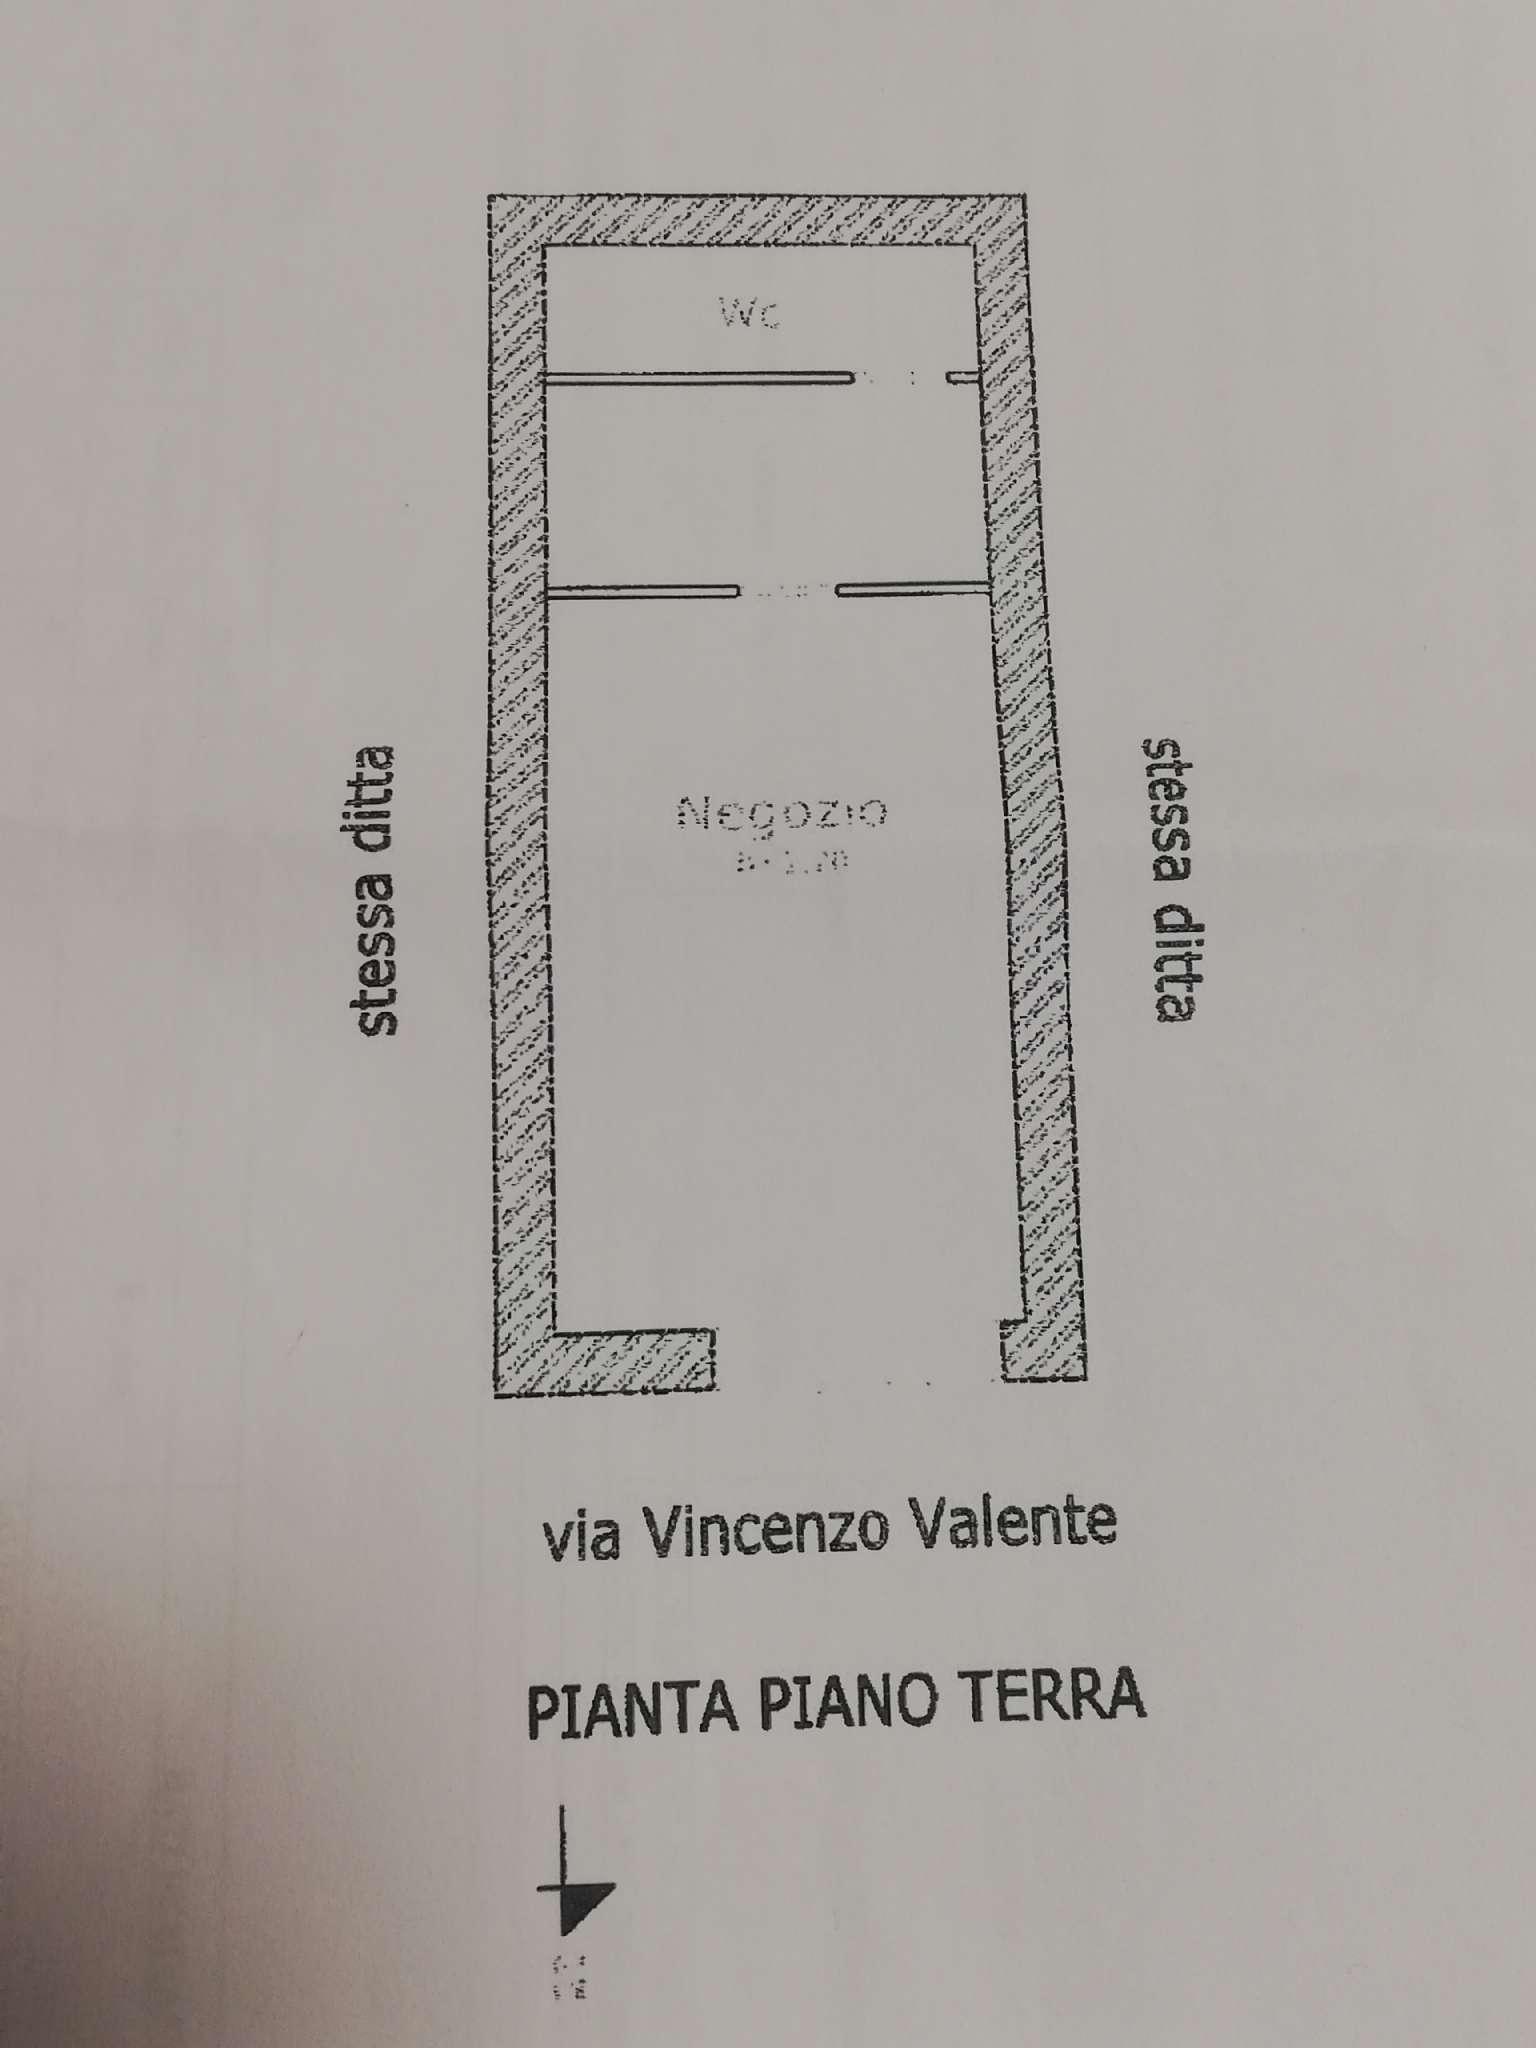 Napoli Vendita COMMERCIALI Immagine 0